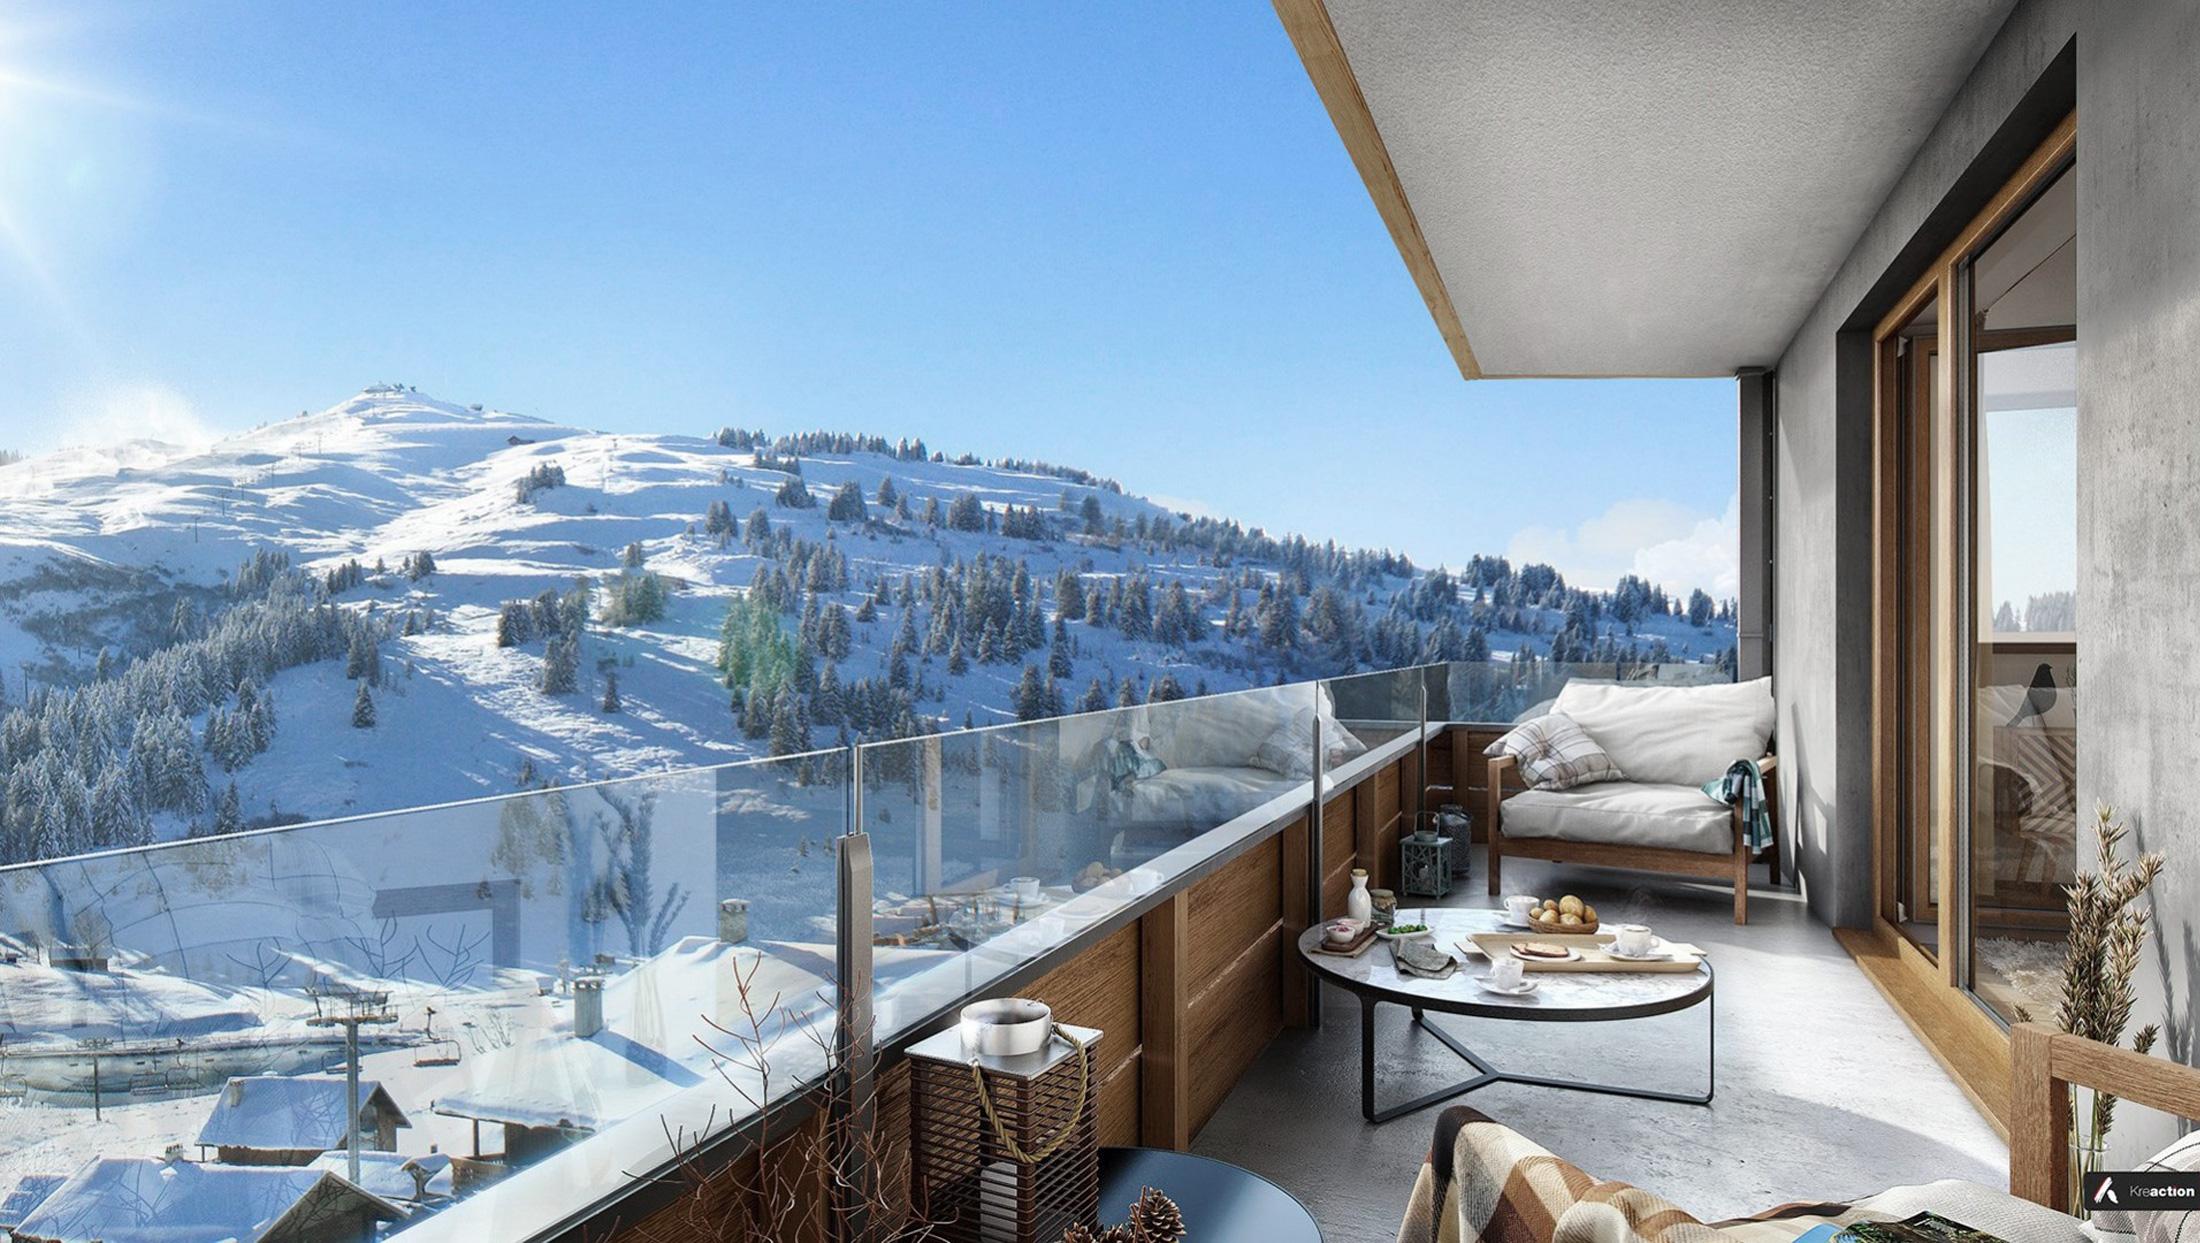 Bureau d'étude dessinateur projeteur Annecy, Chambéry, Grenoble - Savoie Plan